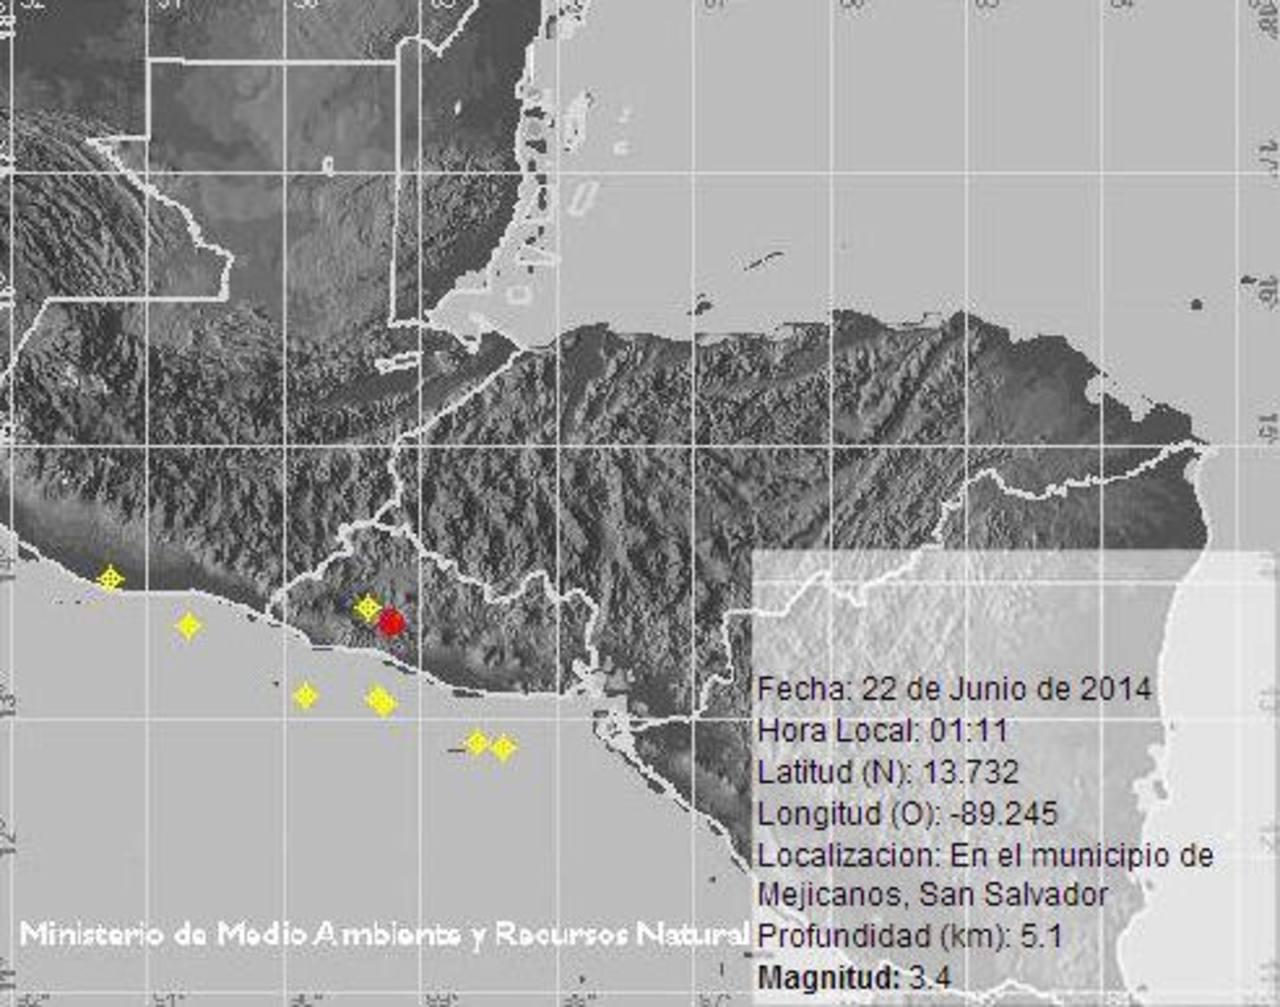 Dos sismos de magnitudes 4.6 y 3.4 sacuden gran parte del territorio salvadoreño